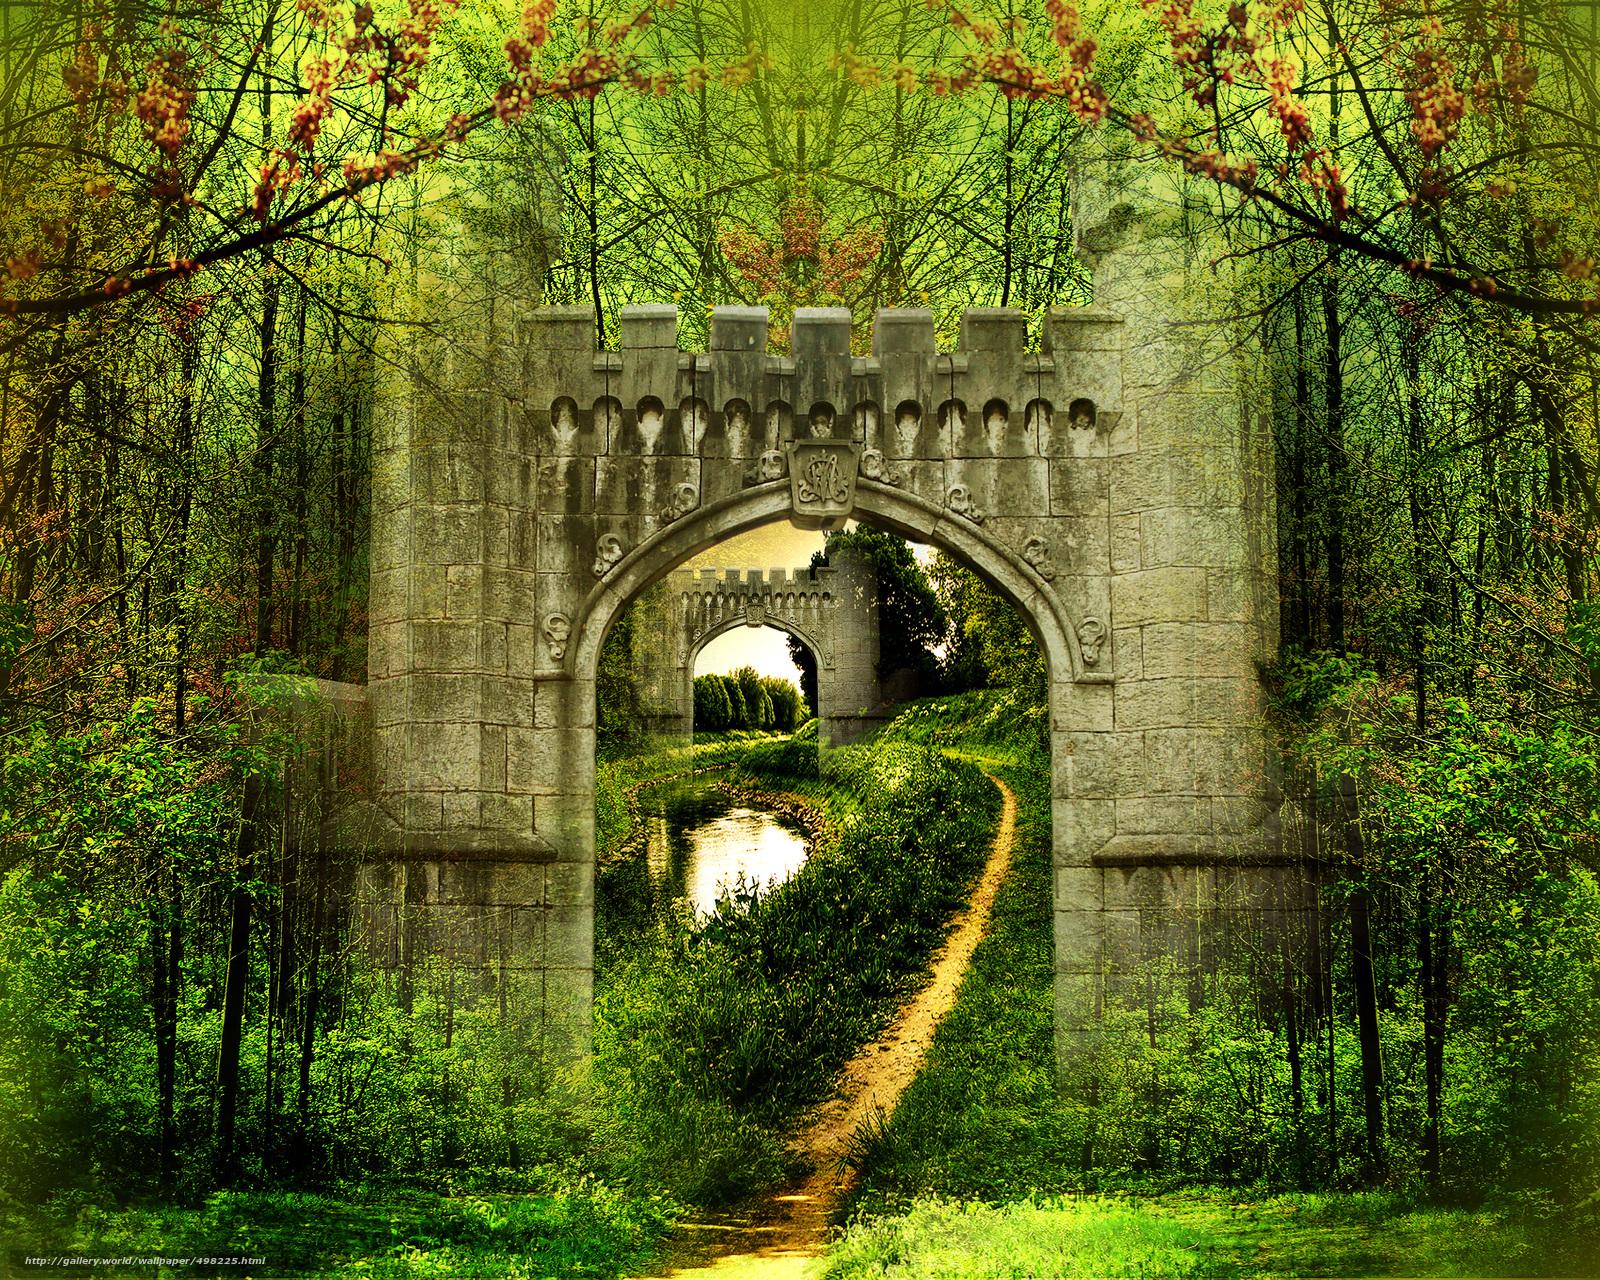 Descargar gratis Arco,  Naturaleza,  3d,  arte Fondos de escritorio en la resolucin 2500x2000 — imagen №498225